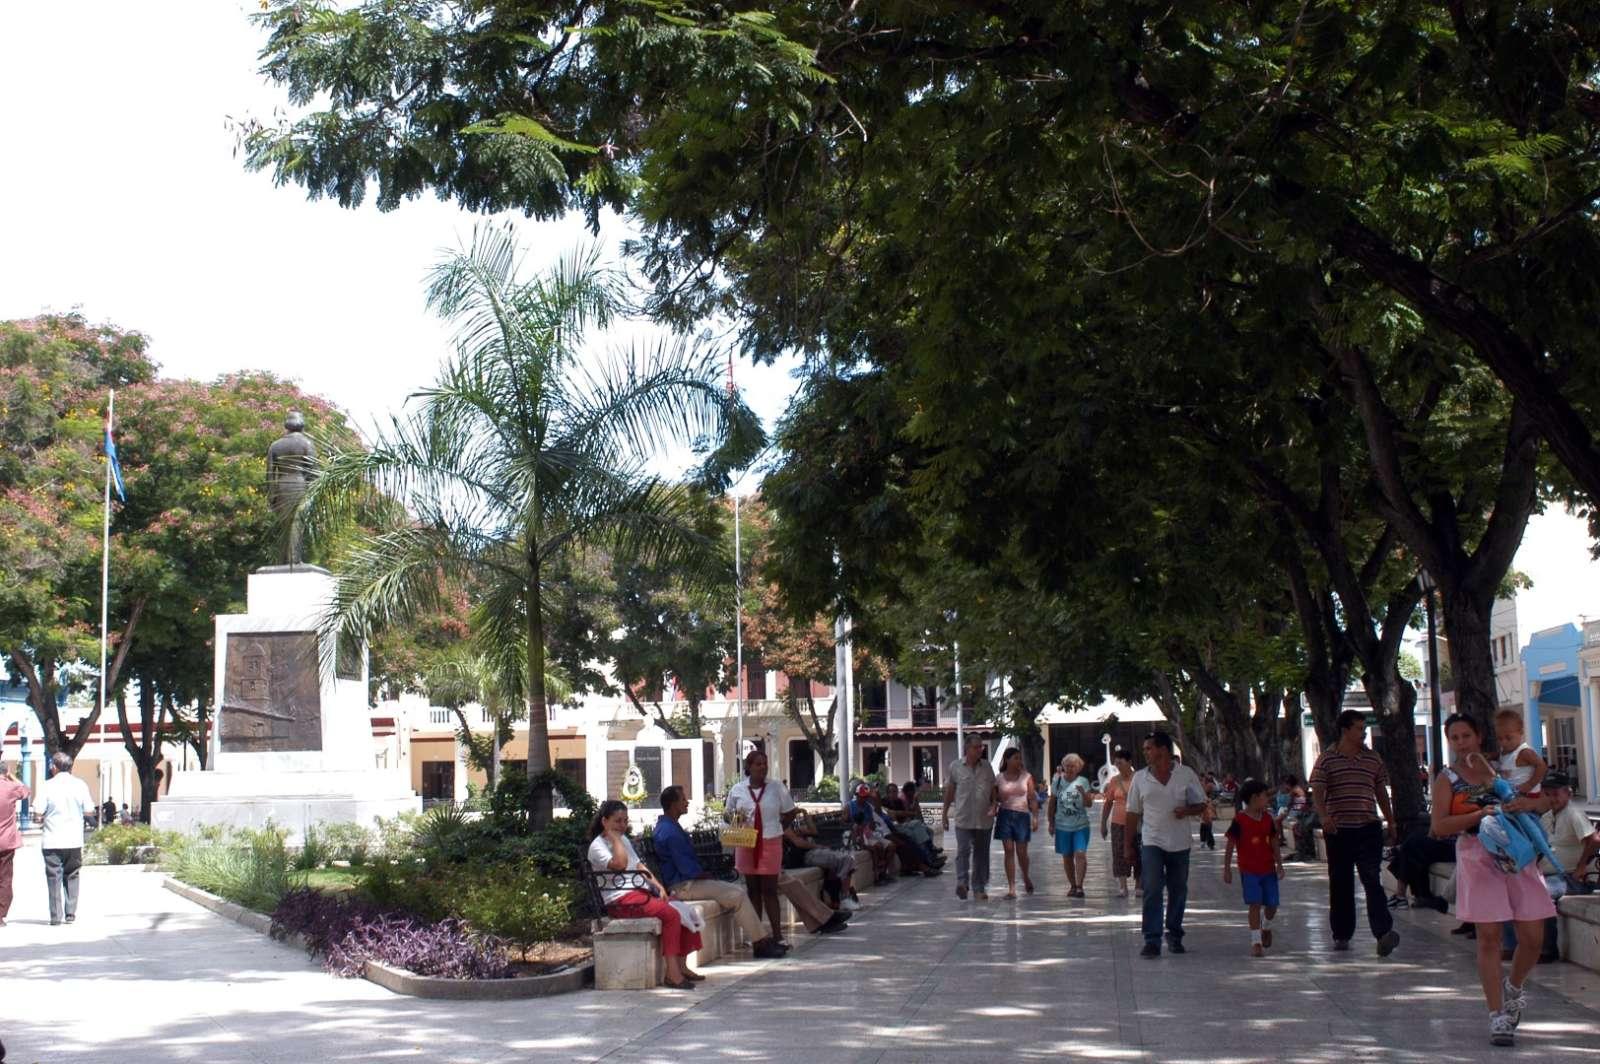 Locals in Bayamo's central Parque